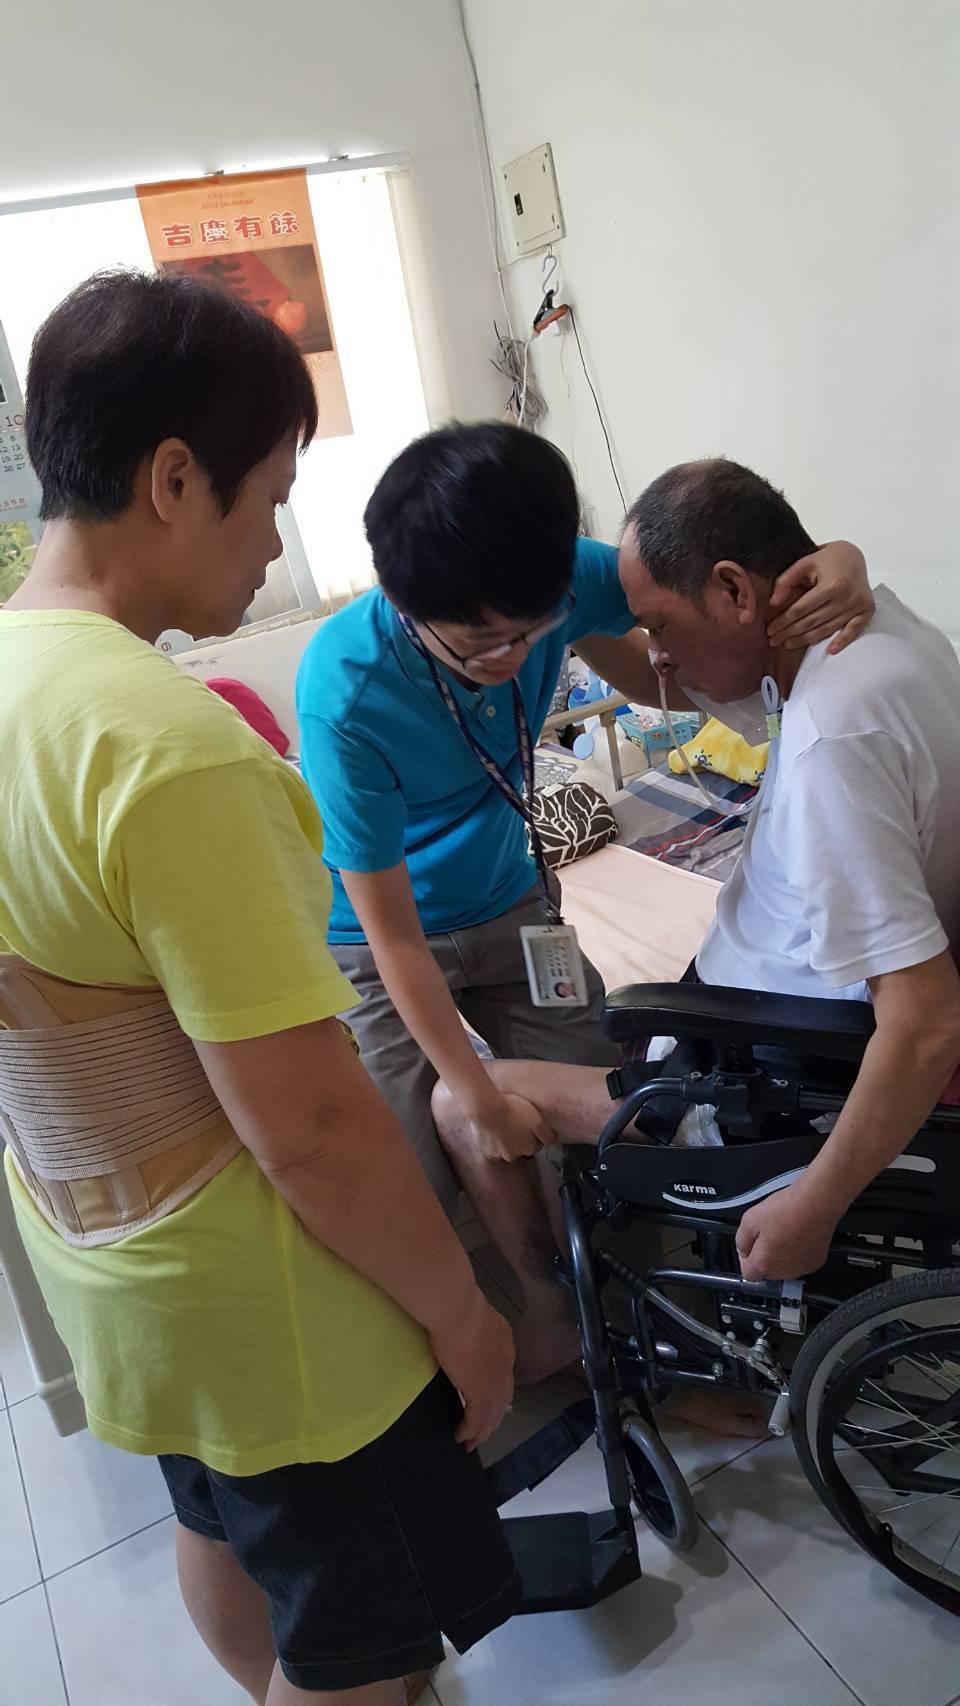 花蓮衛生局表示,家有聘僱外籍看護仍可以申請長照服務。圖/花蓮縣衛生局提供